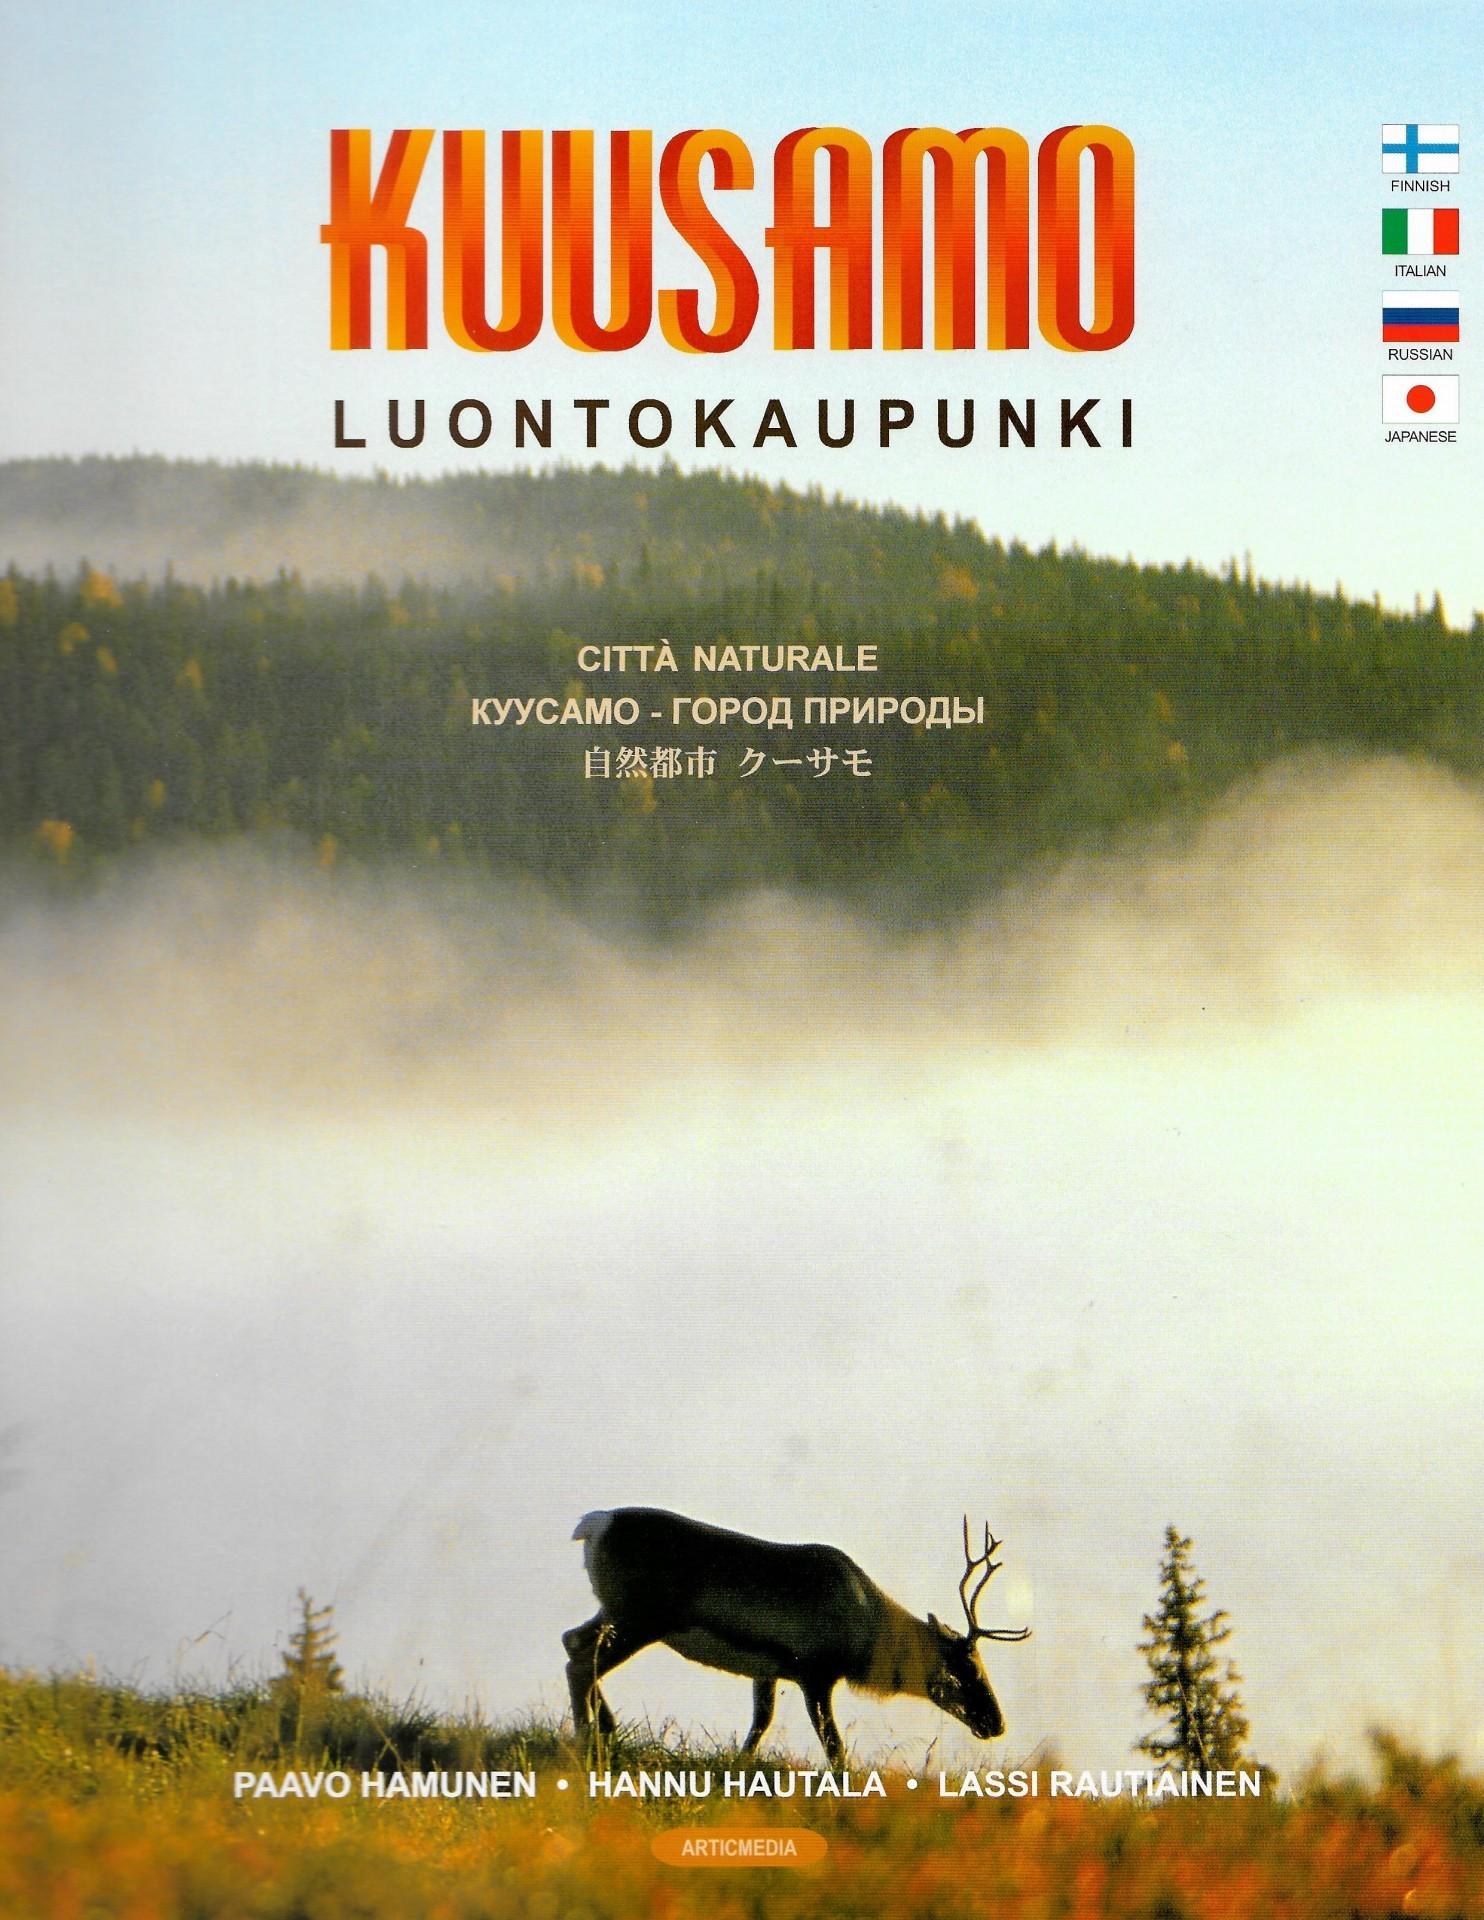 Kuusamo - luontokaupunki suomeksi, italiaksi, venäjäksi ja japaniksi 2000